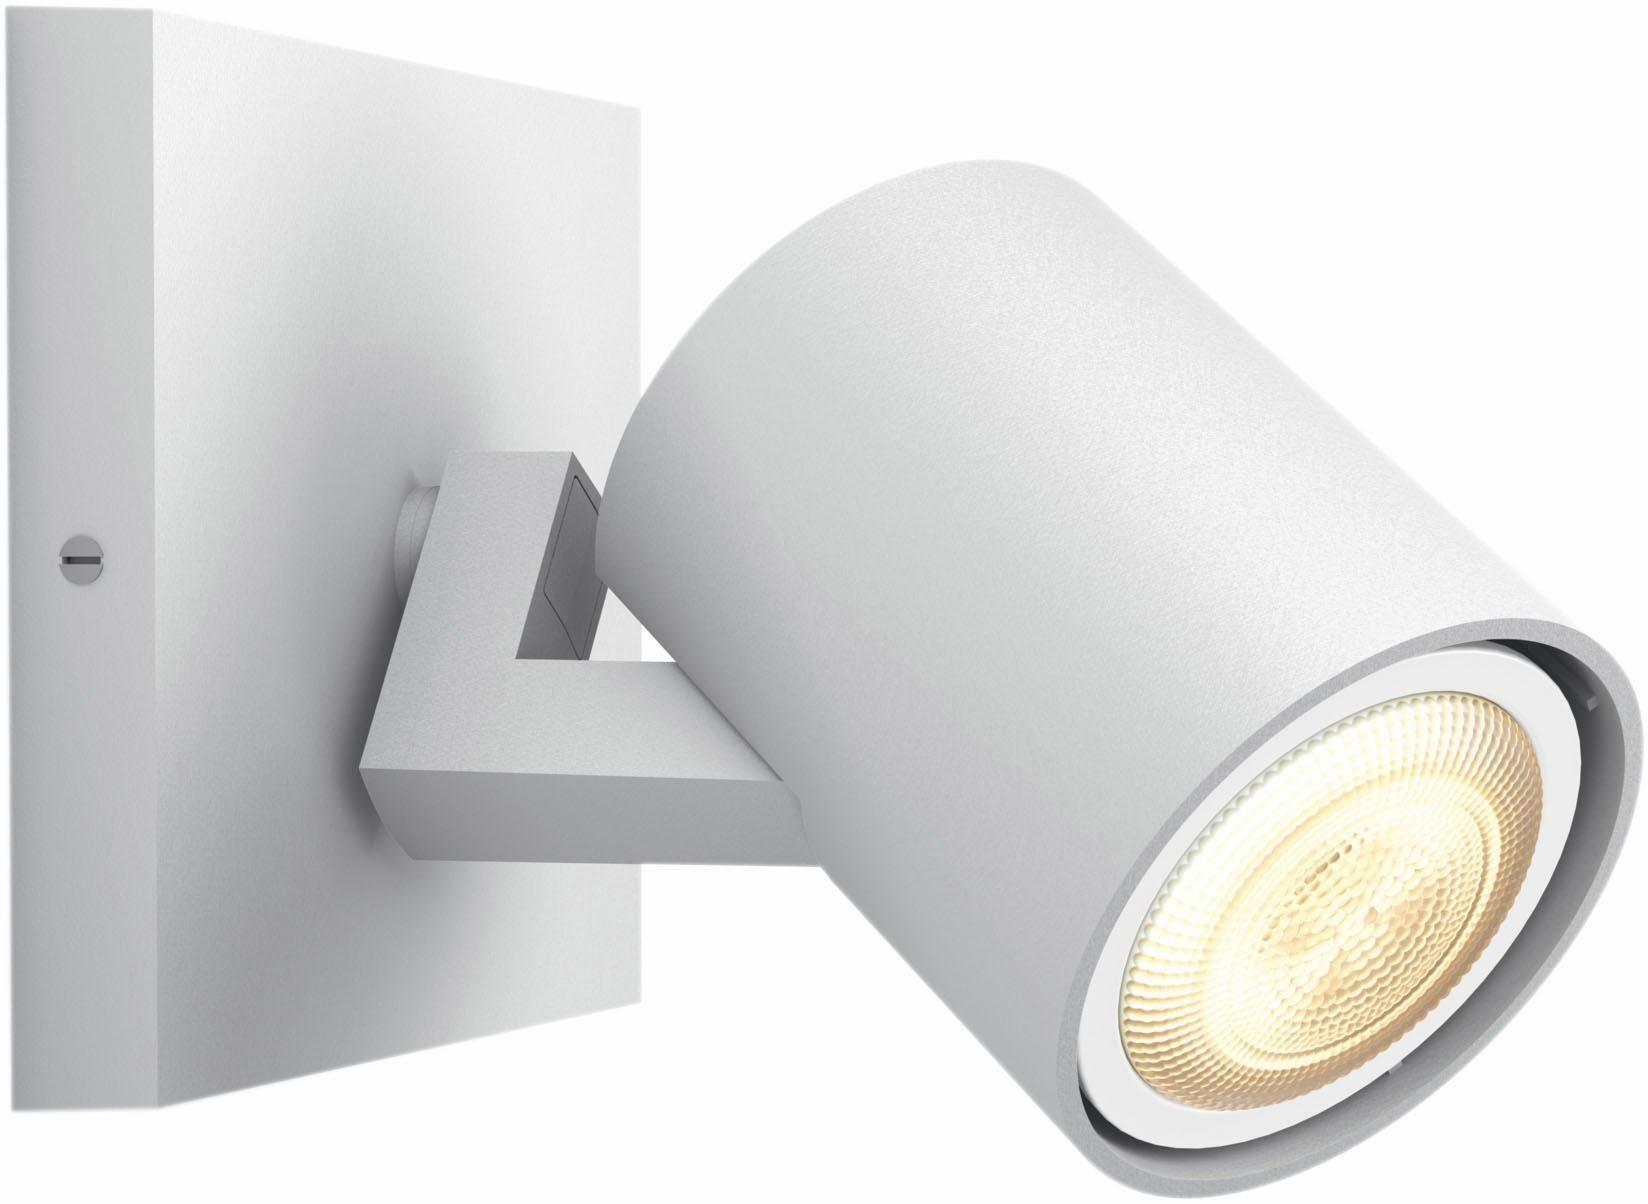 Philips Hue LED Wandstrahler »Runner«, Smart Home | OTTO